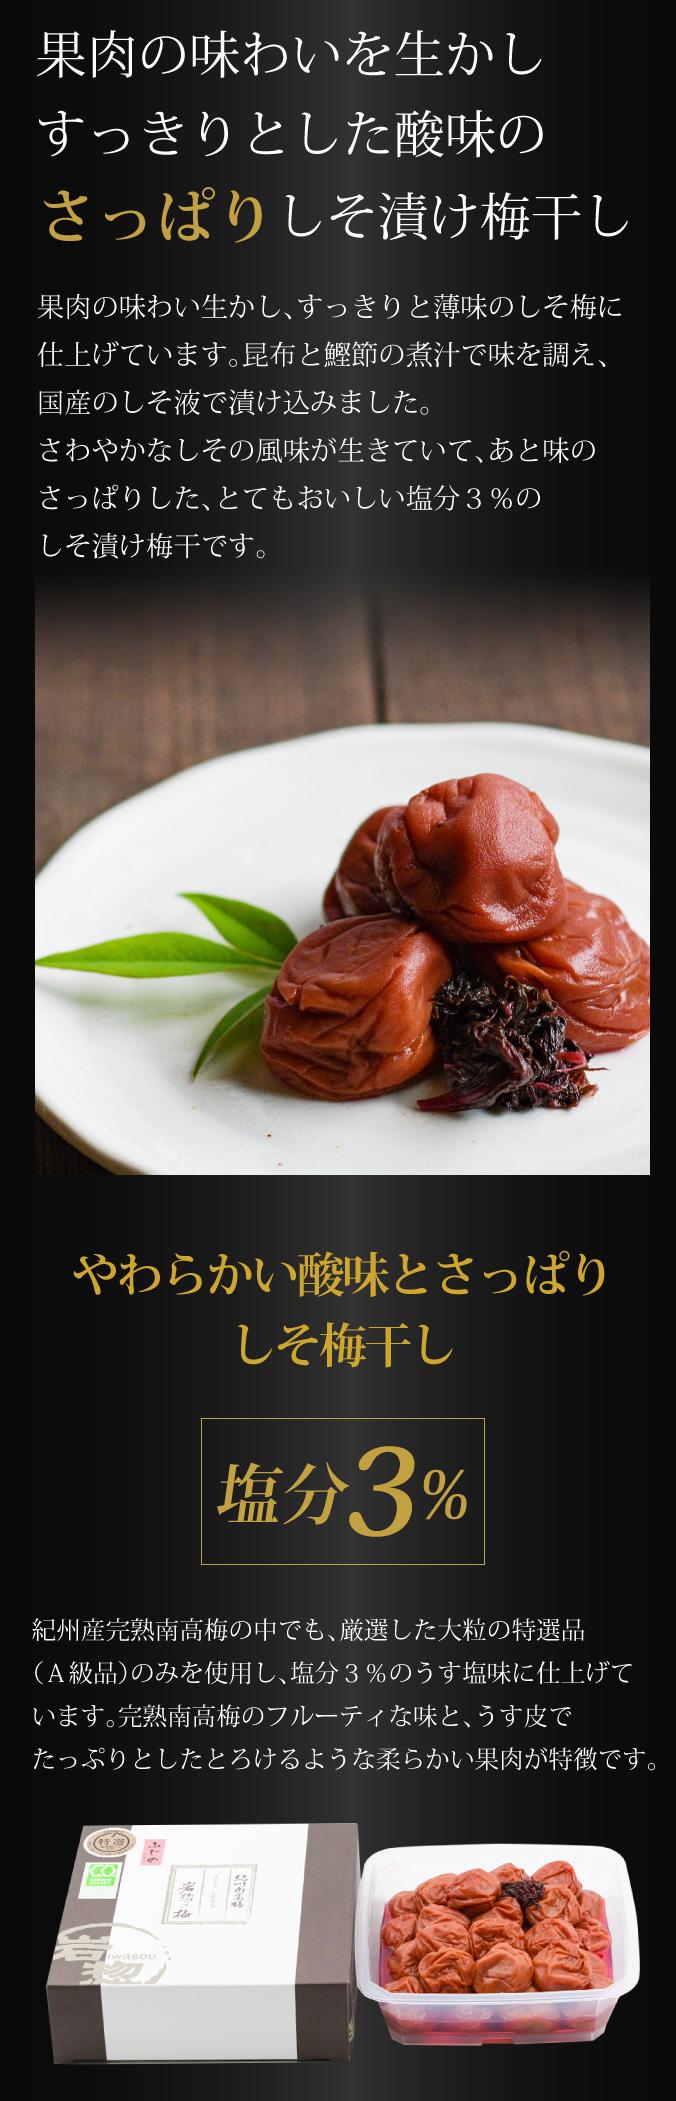 ふじの梅の紹介2